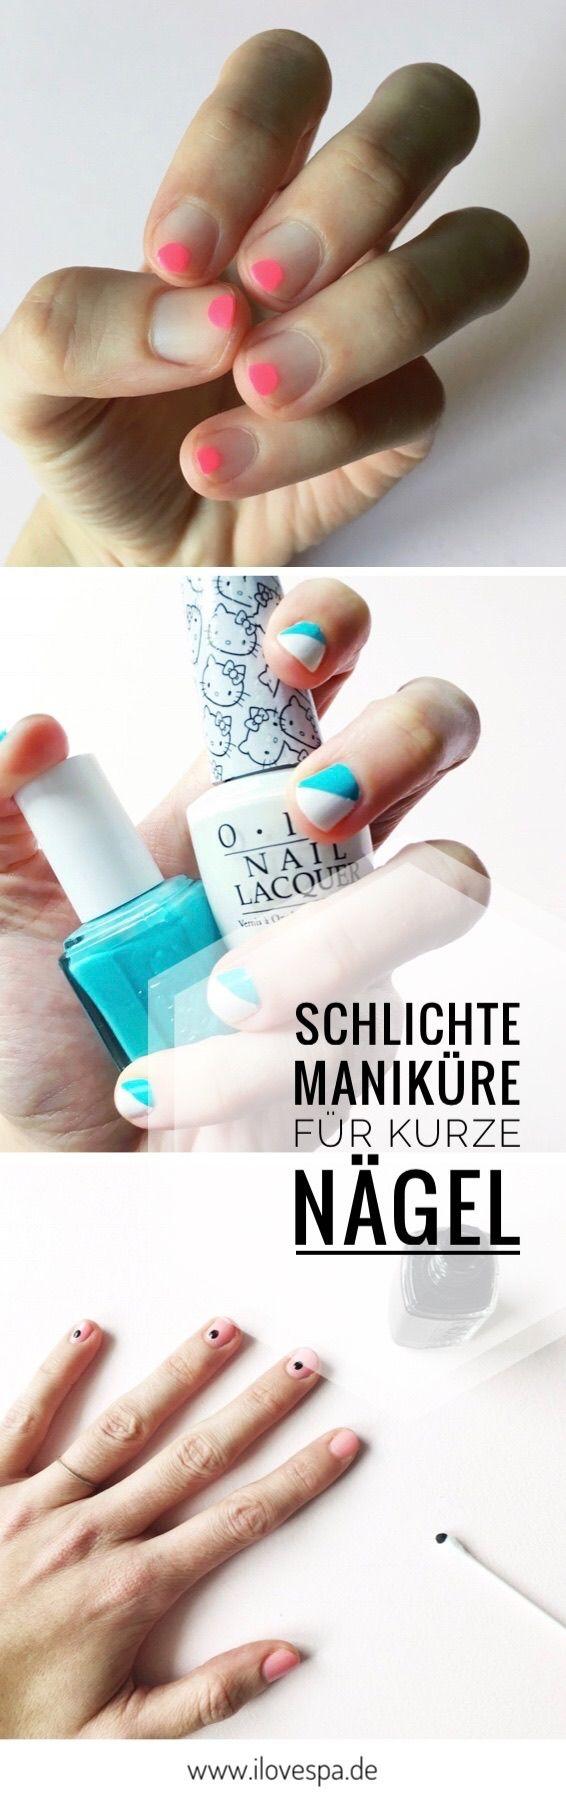 Schlichte Maniküre für kurze Nägel - die schönsten Minimal Manicure ...